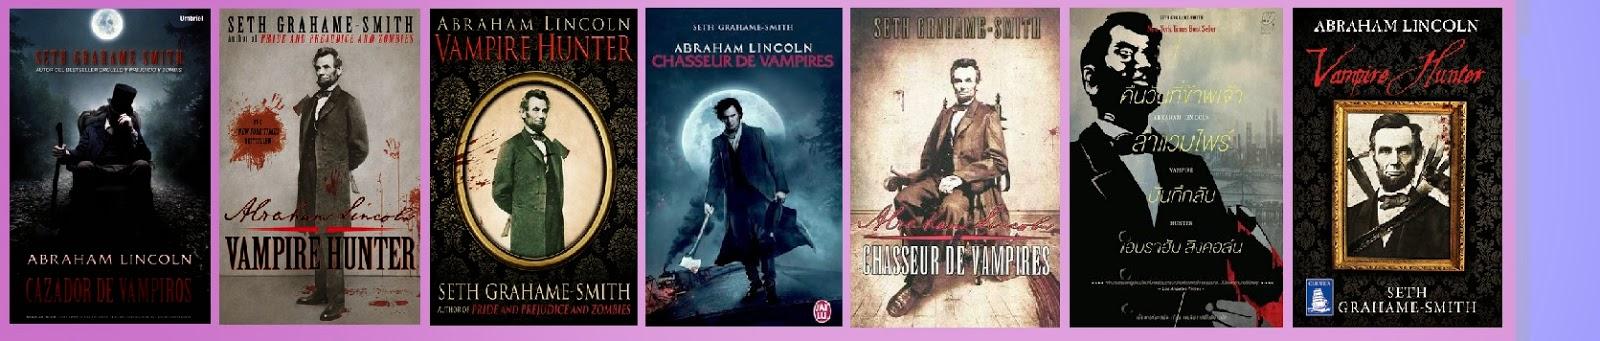 portadas de Abrahan Lincoln cazador de vampiros